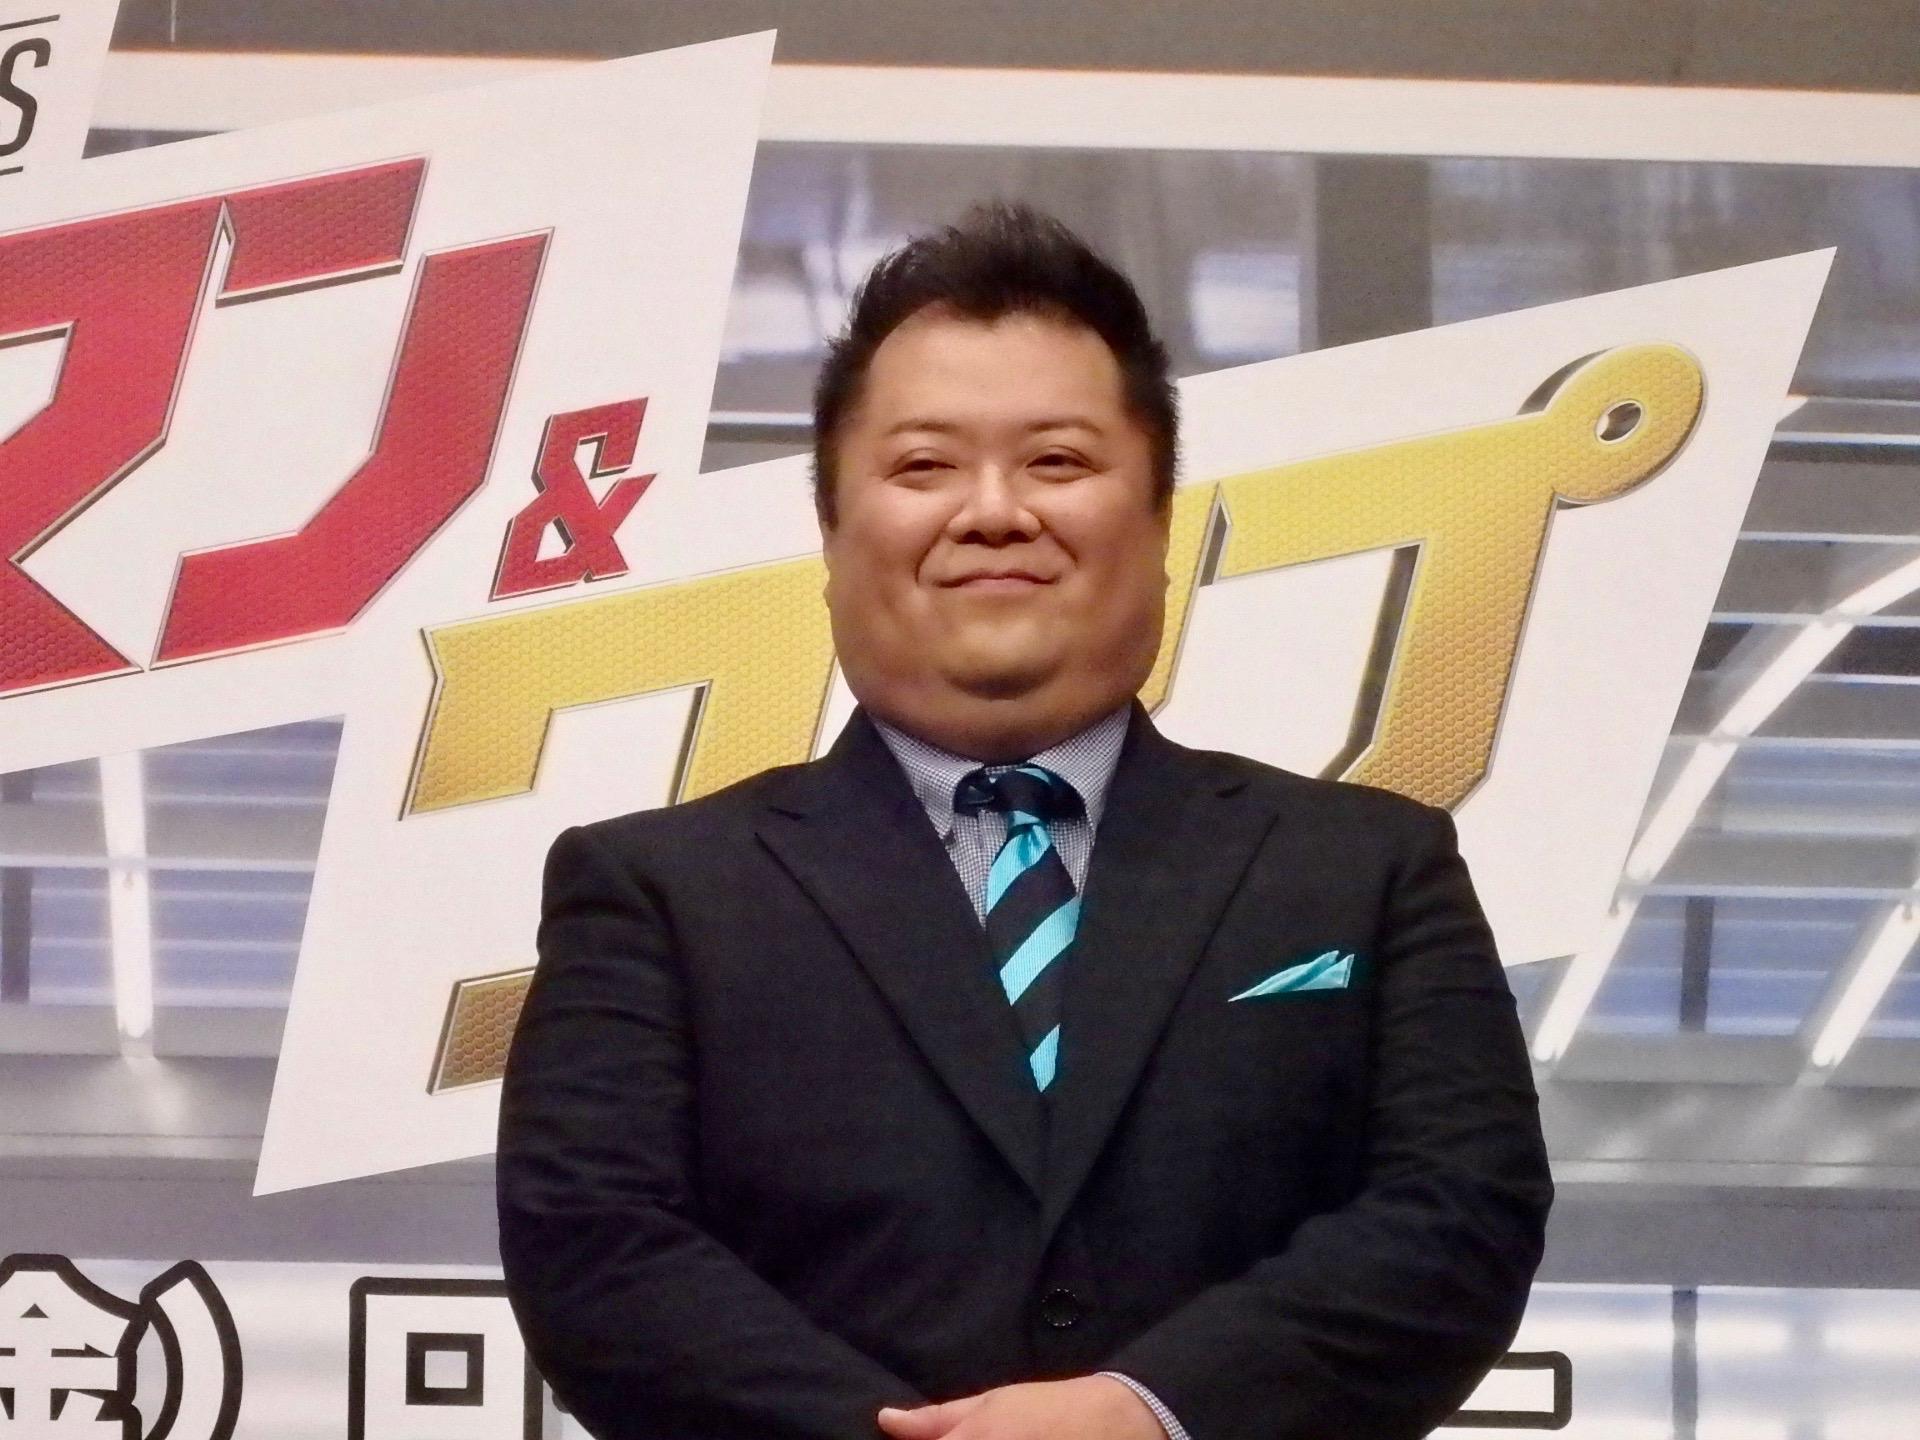 http://news.yoshimoto.co.jp/20180708154623-f57c2804bec6104e47eeba9d718f99ca3fdc3db0.jpg